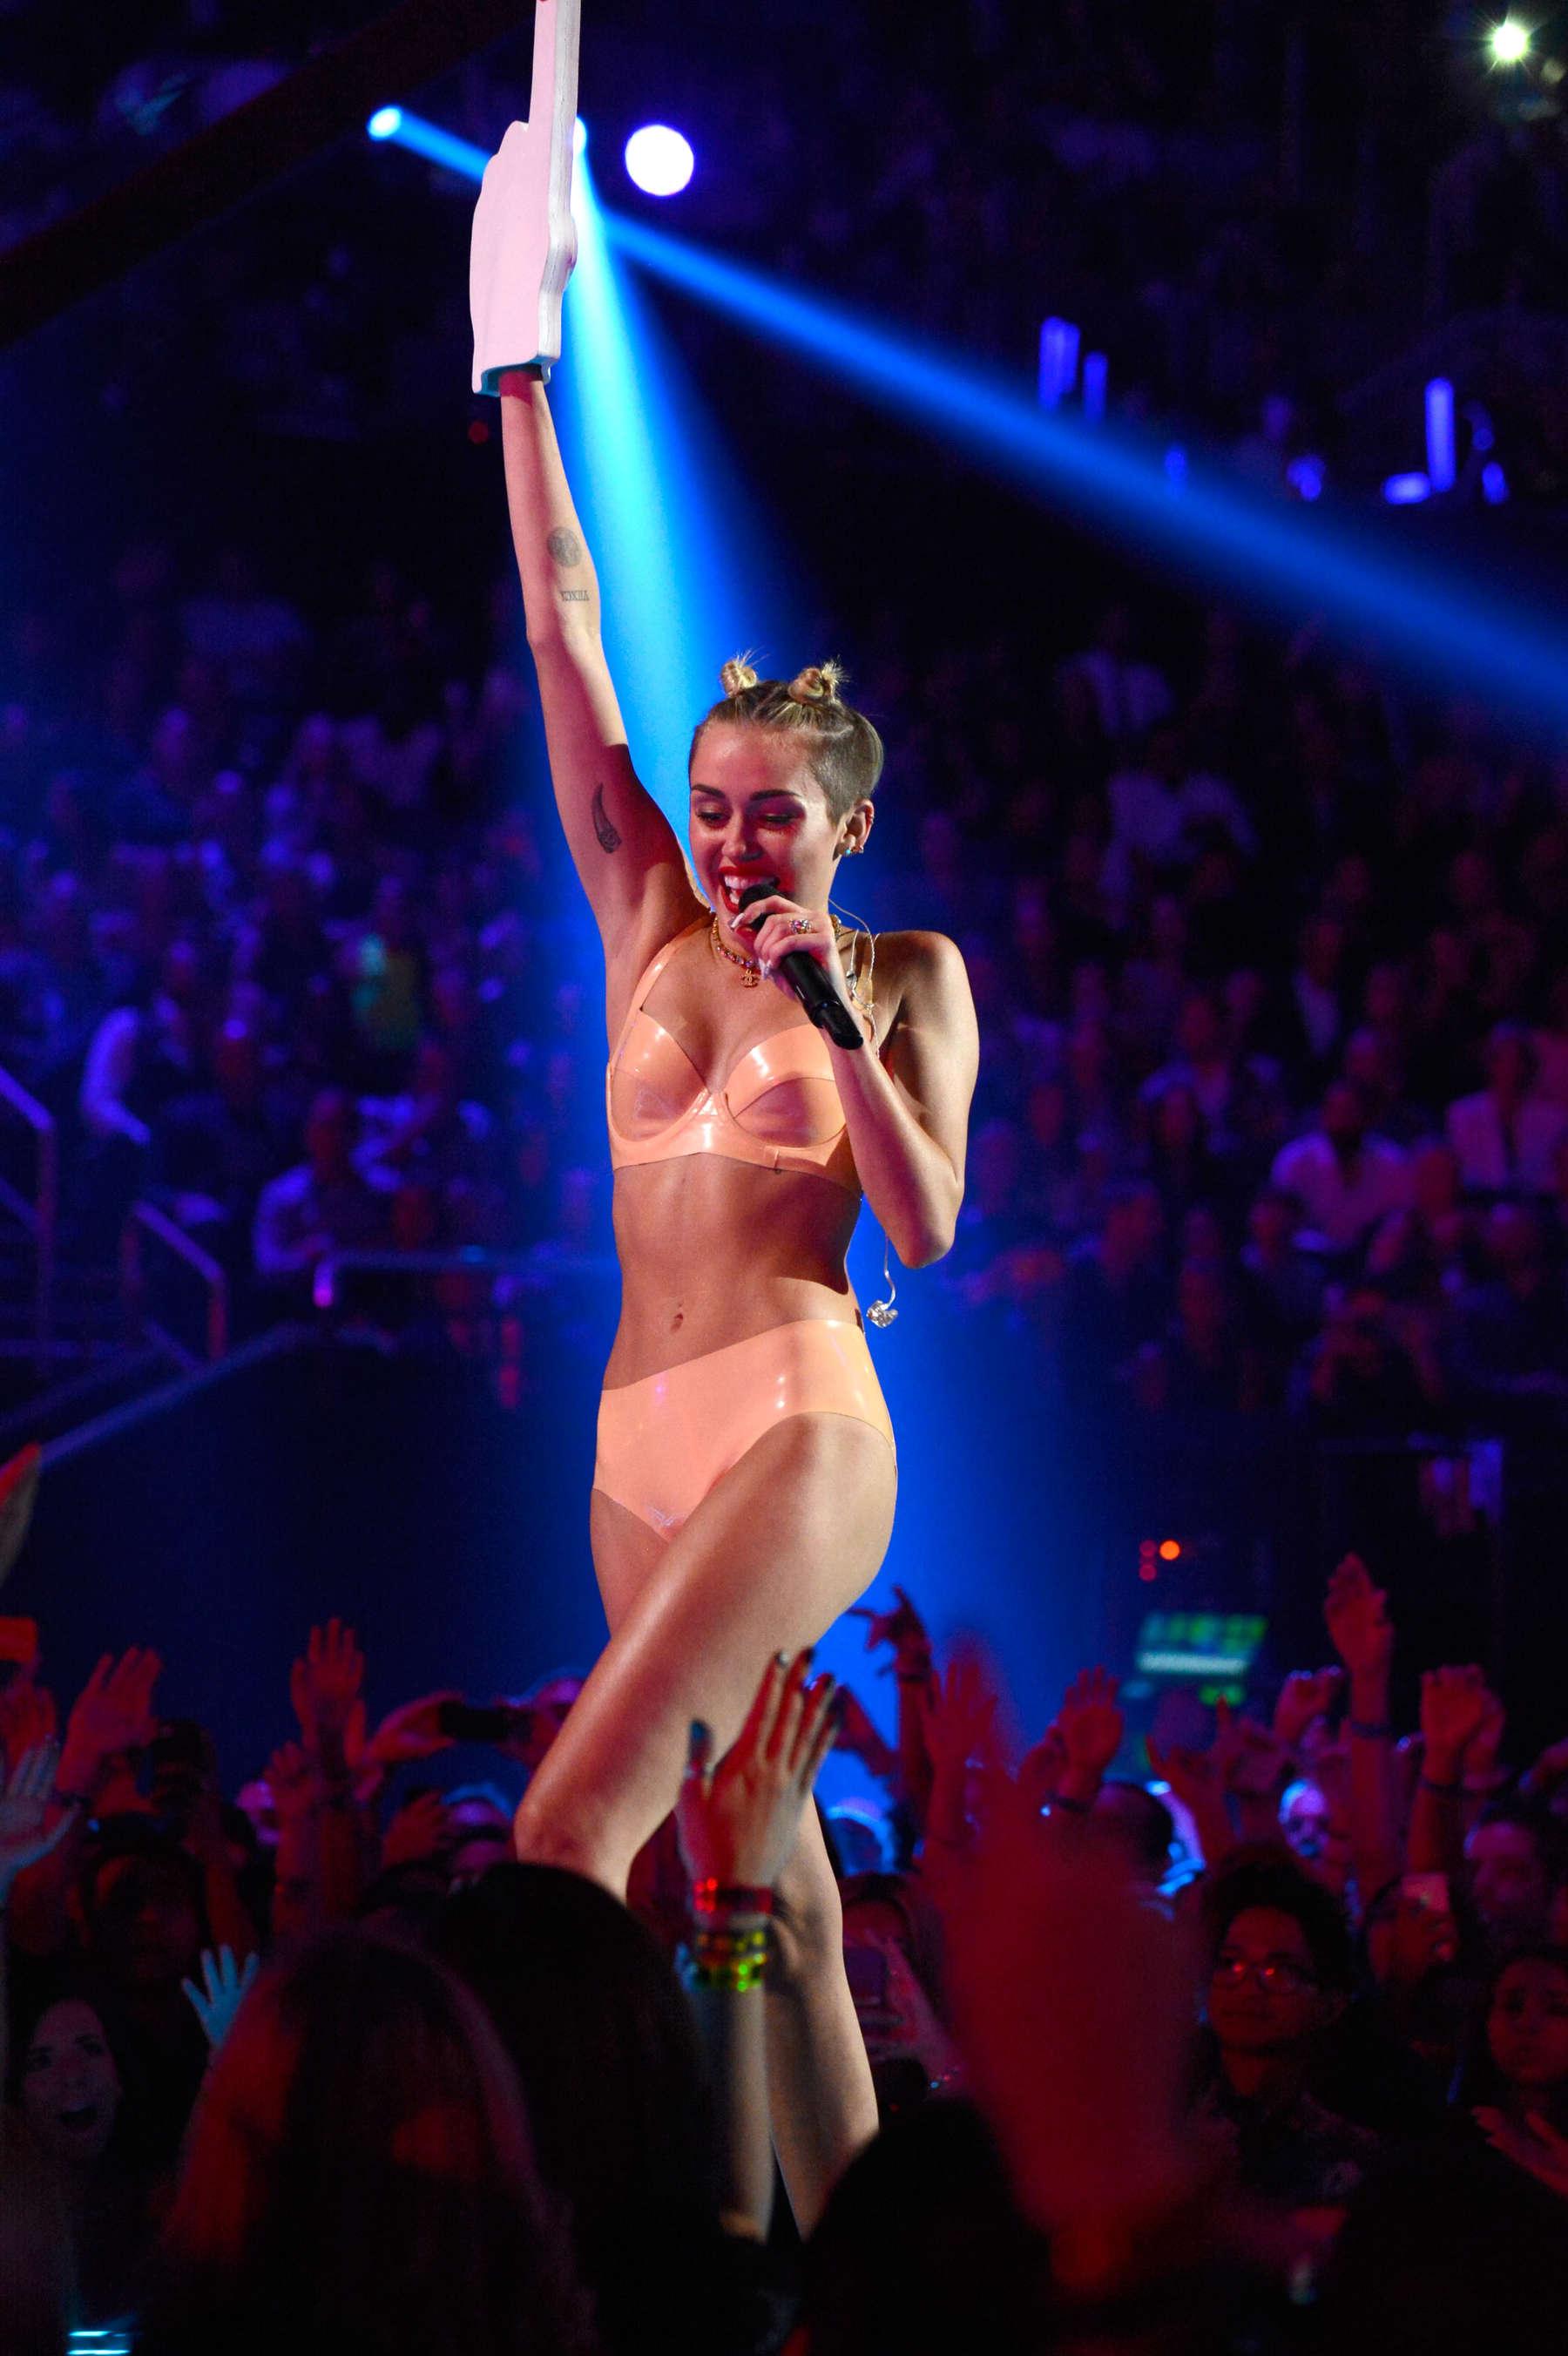 Miley Cyrus VMA 2013 Reactions